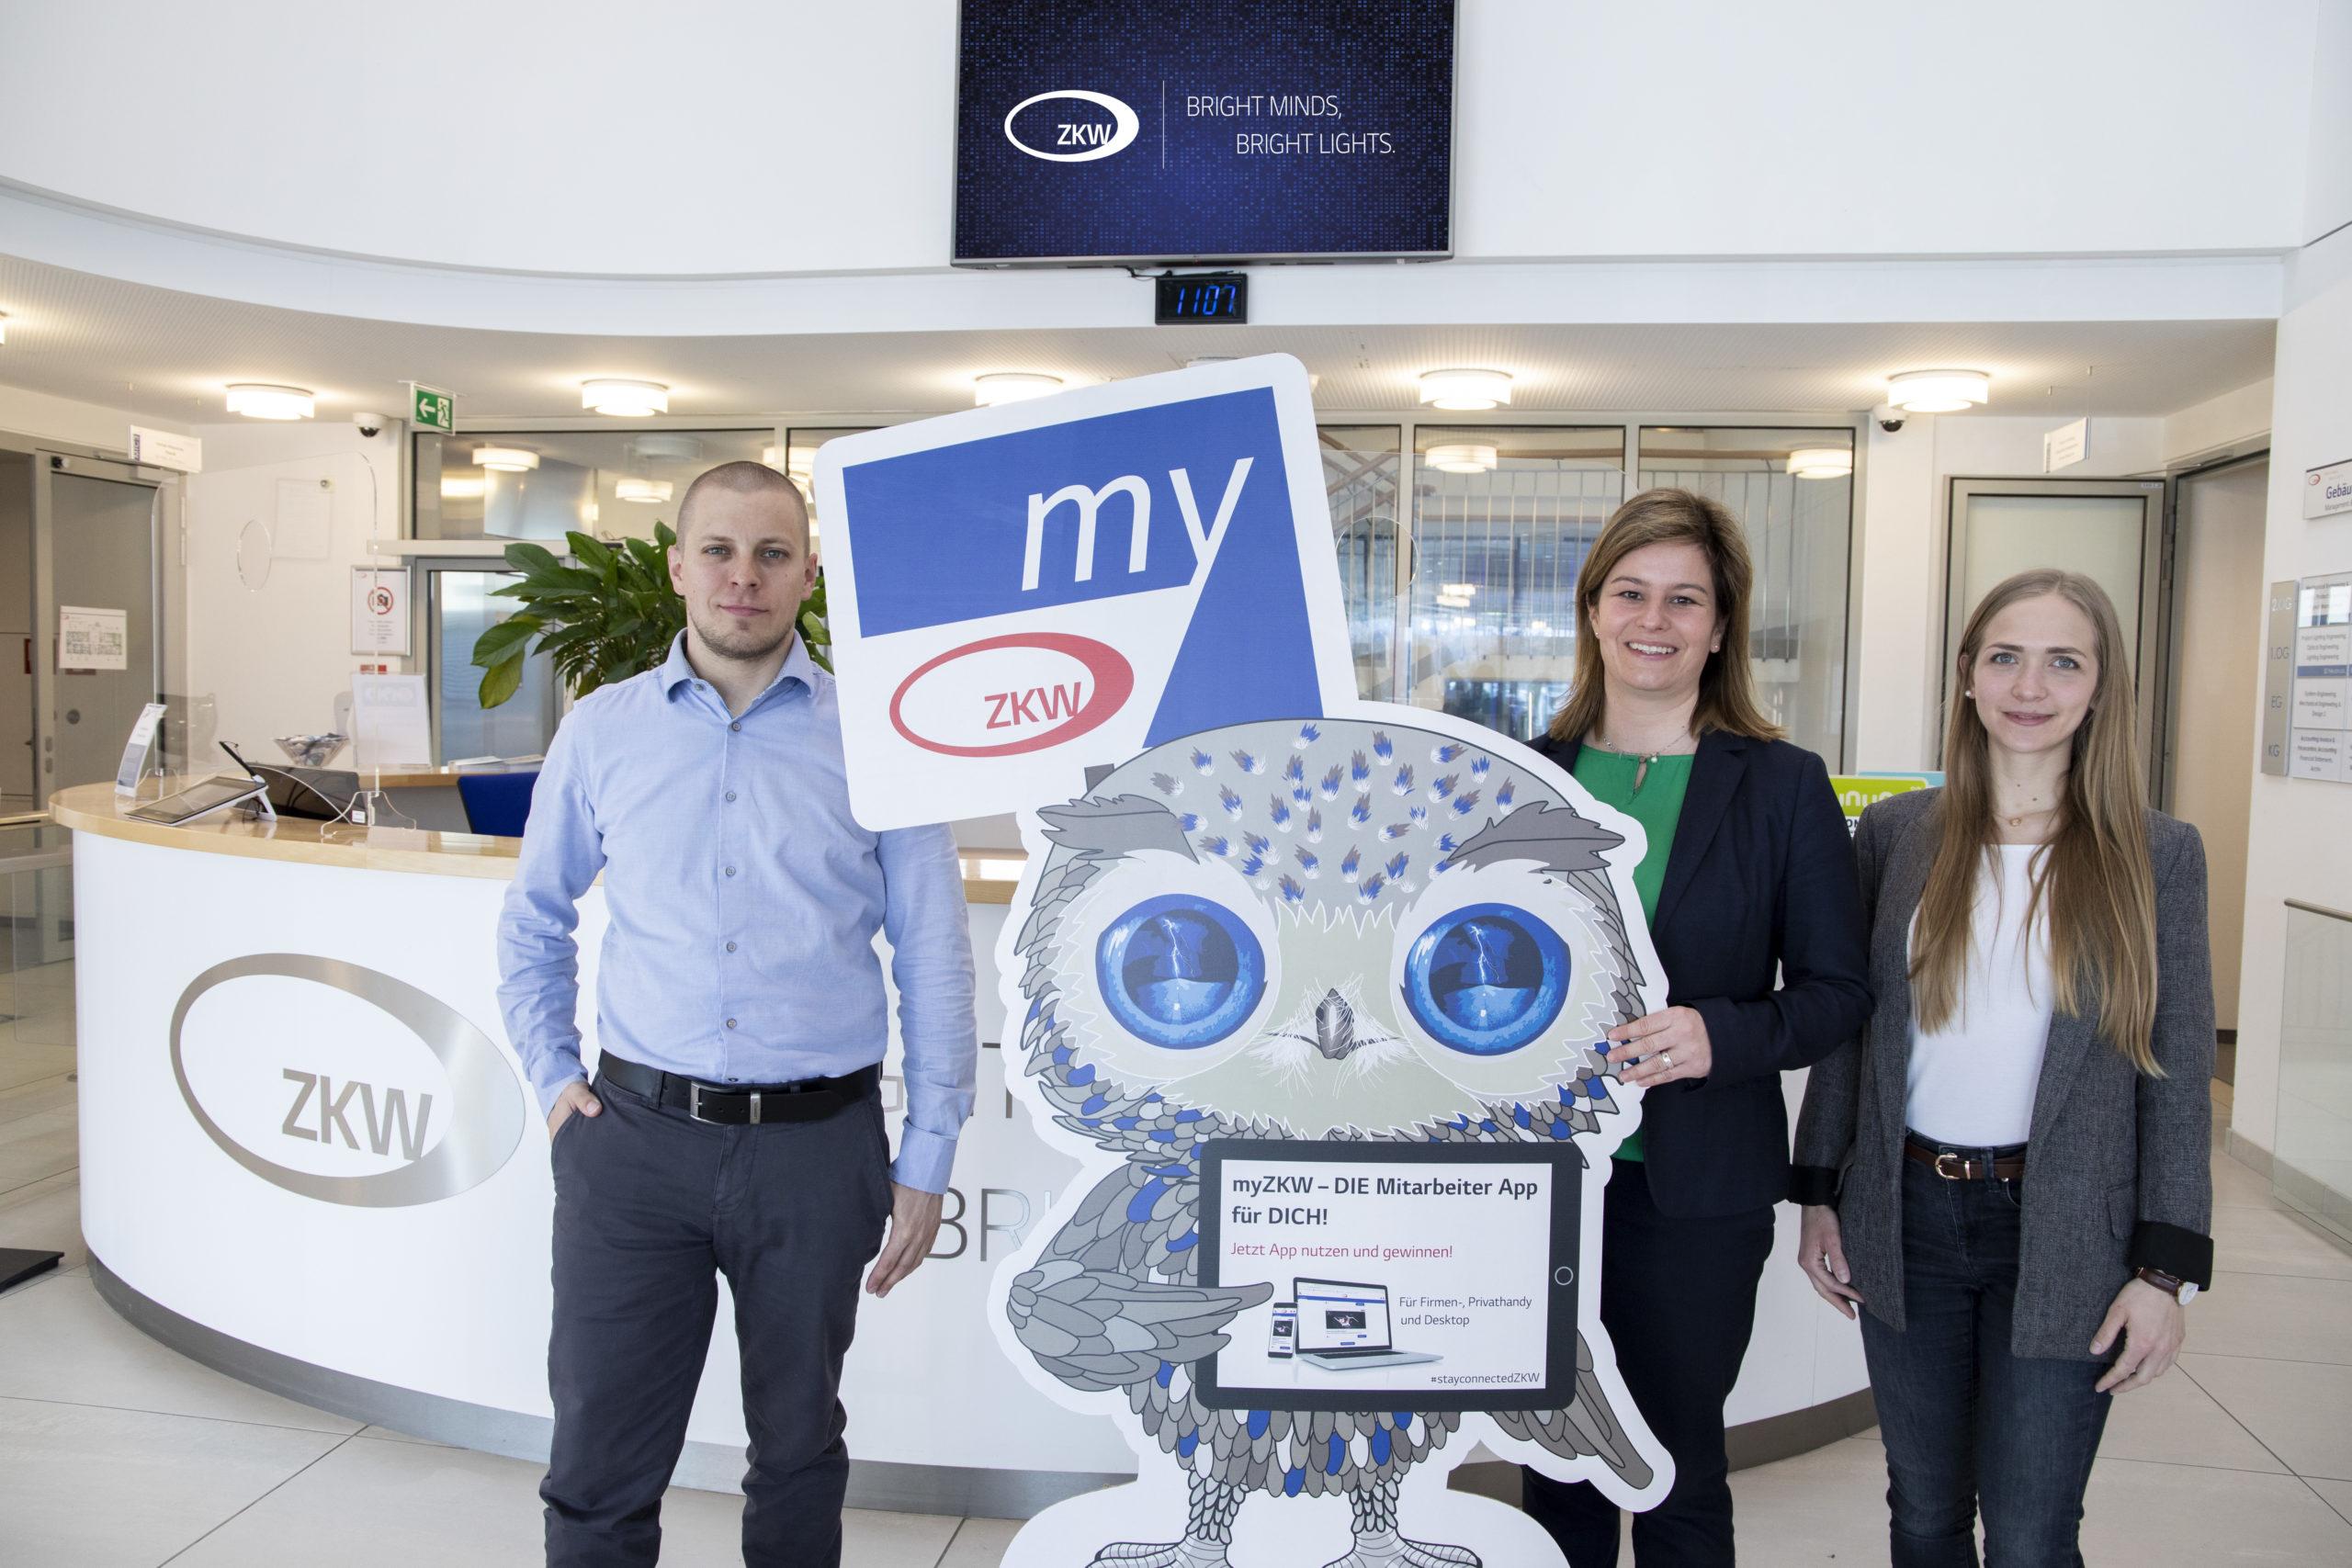 Das myZKW Projektteam mit Ihrer LUMI, dem Maskottchen der Mitarbeiter-App